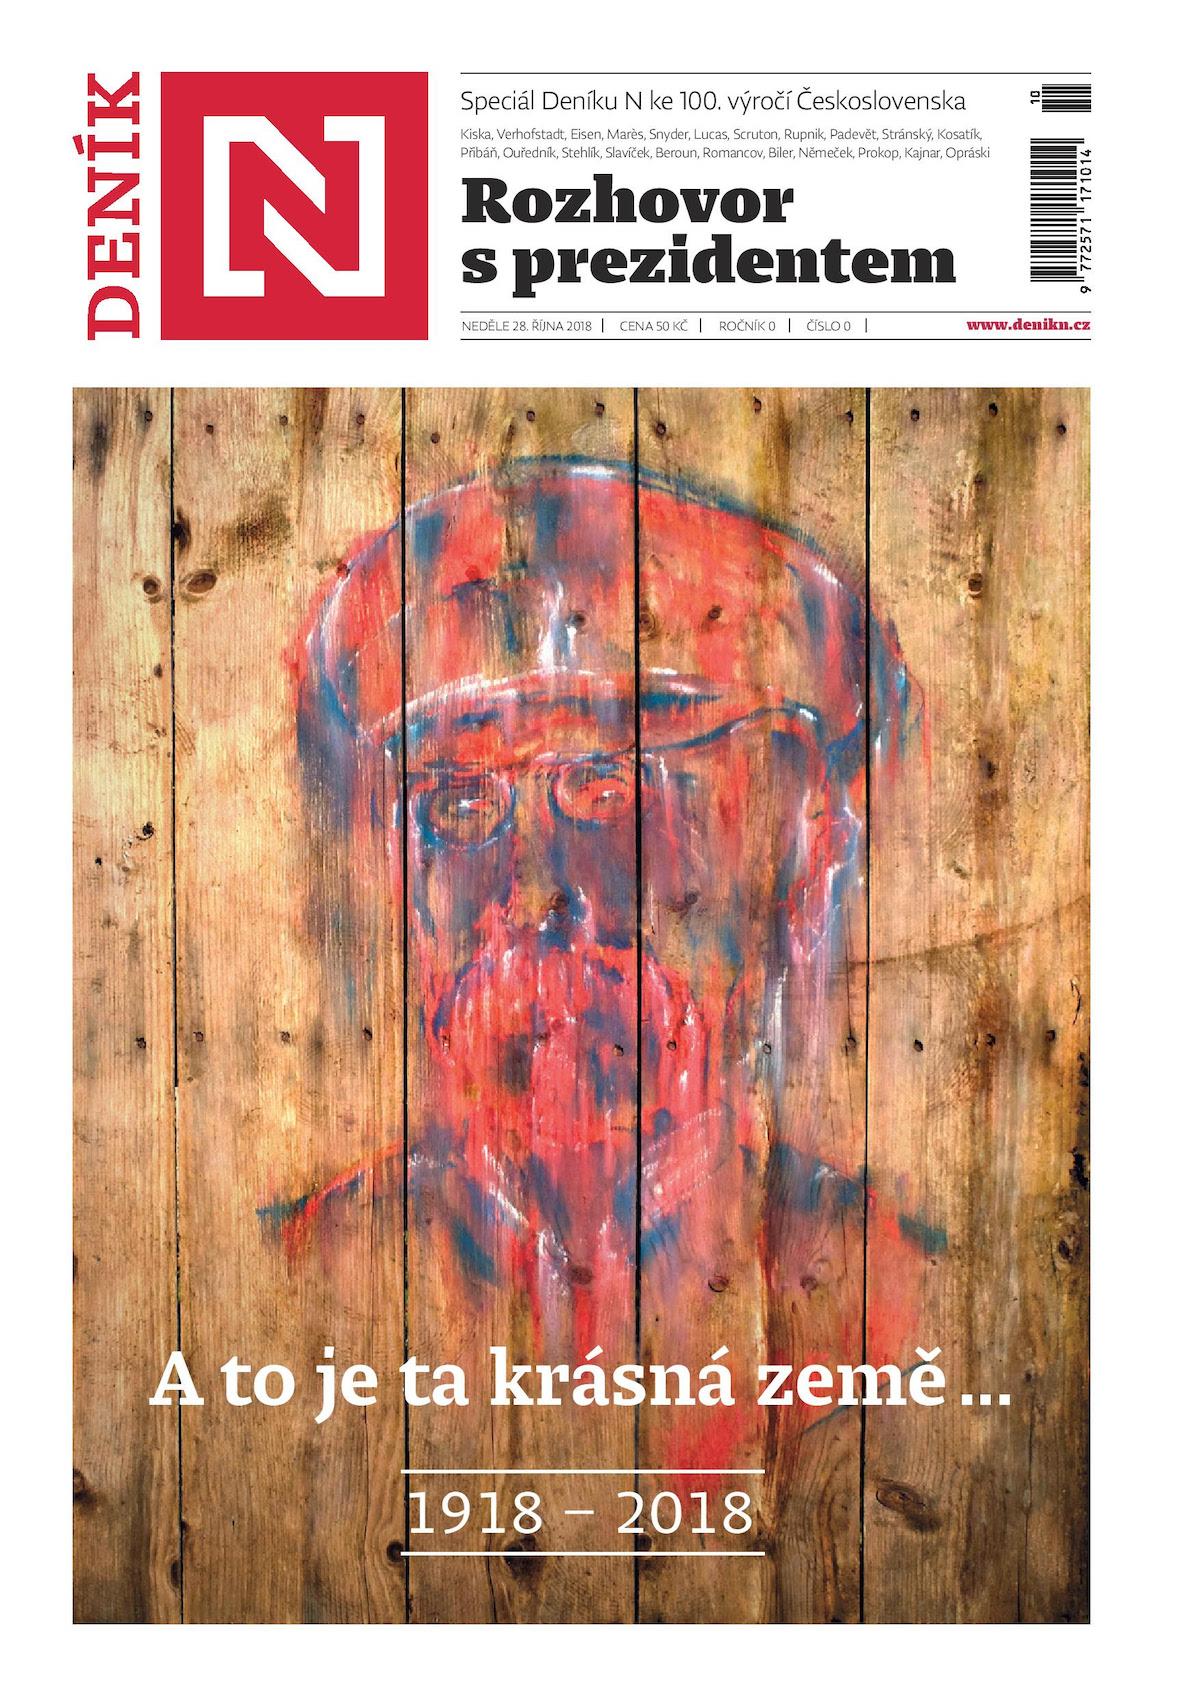 Titulní strana nultého vydání Deníku N. Prezidentem je míněn Slovák Kiska